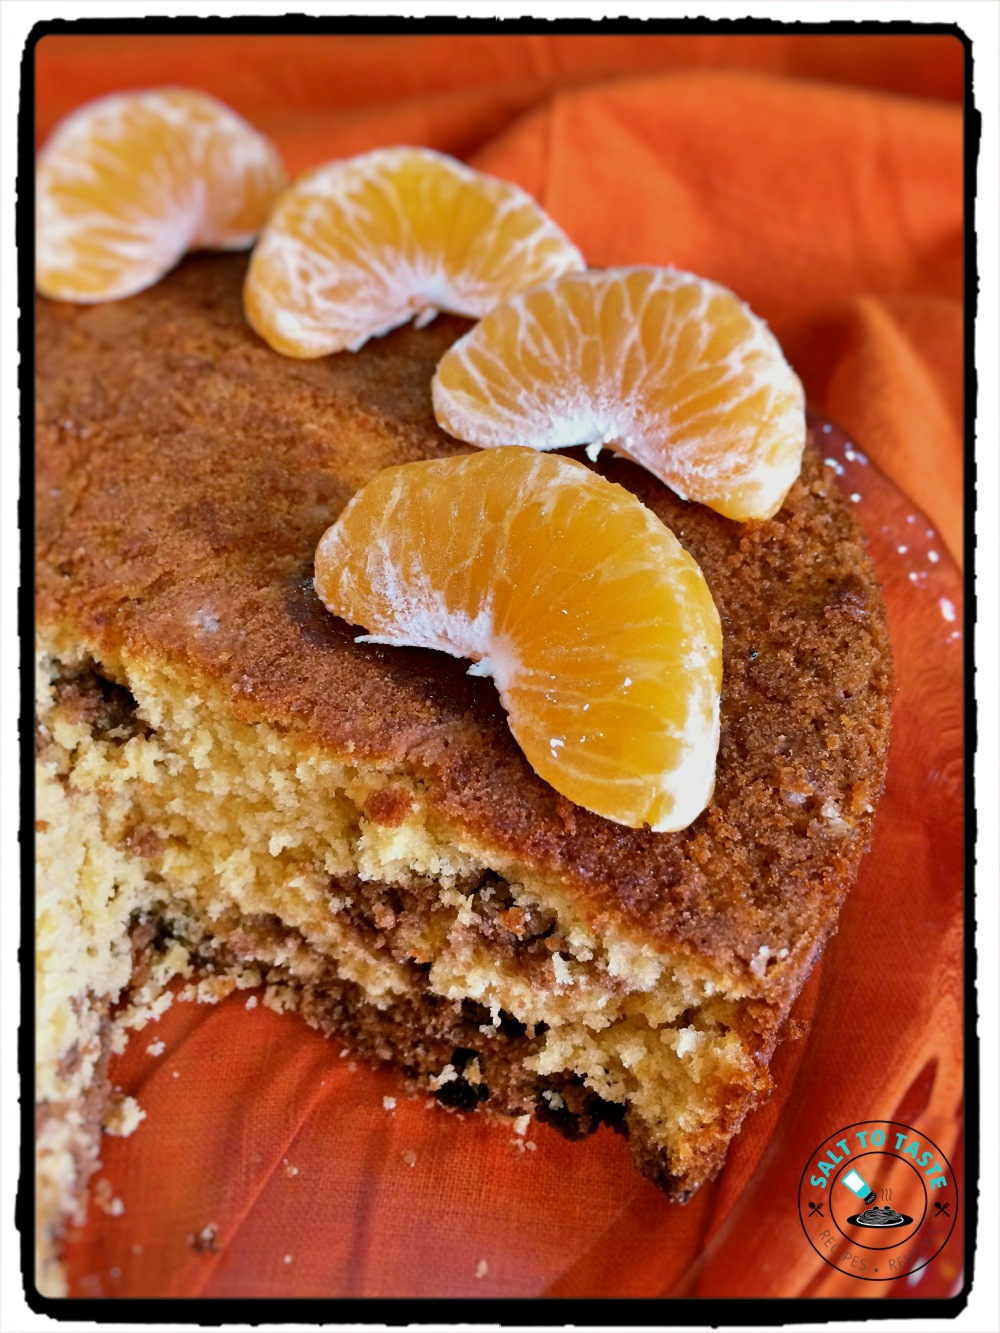 Orange Chocolate Sponge Cake